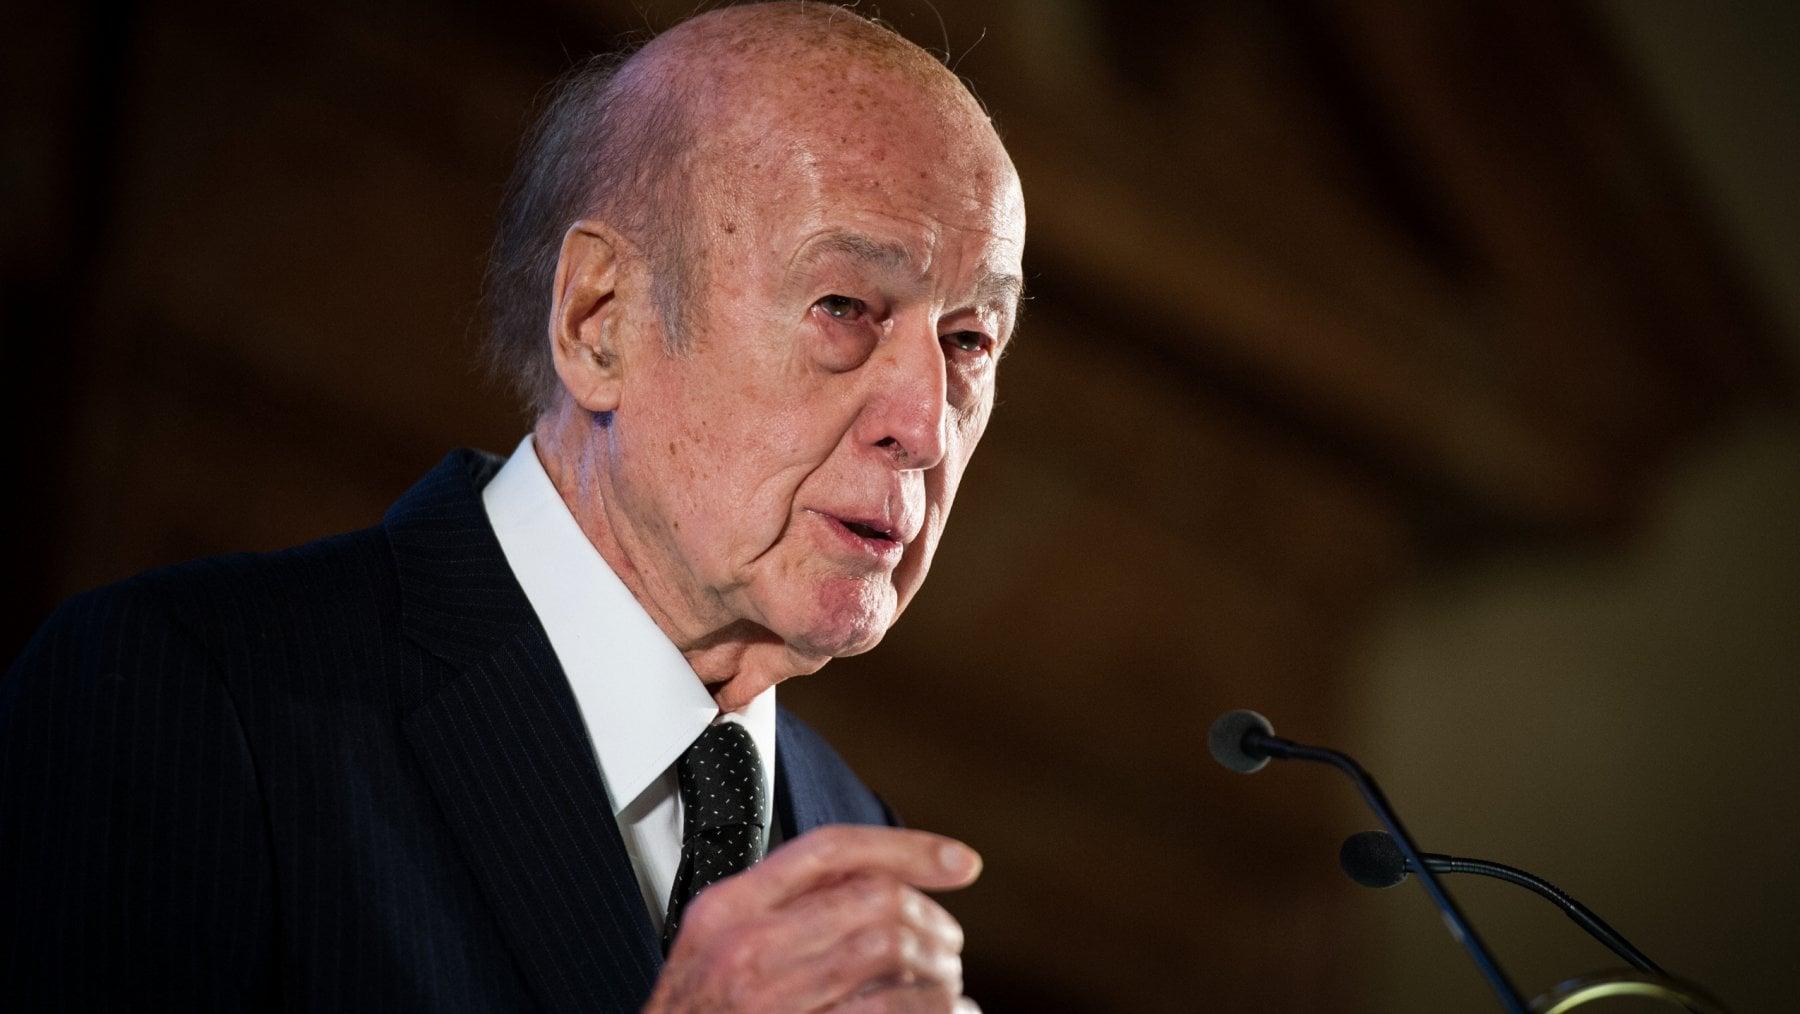 """122751497 f84d6a97 82e6 49d8 b064 2c805c43eb30 - Francia, morto l'ex presidente Valery Giscard d'Estaing. La famiglia: """"È stato il Covid"""""""